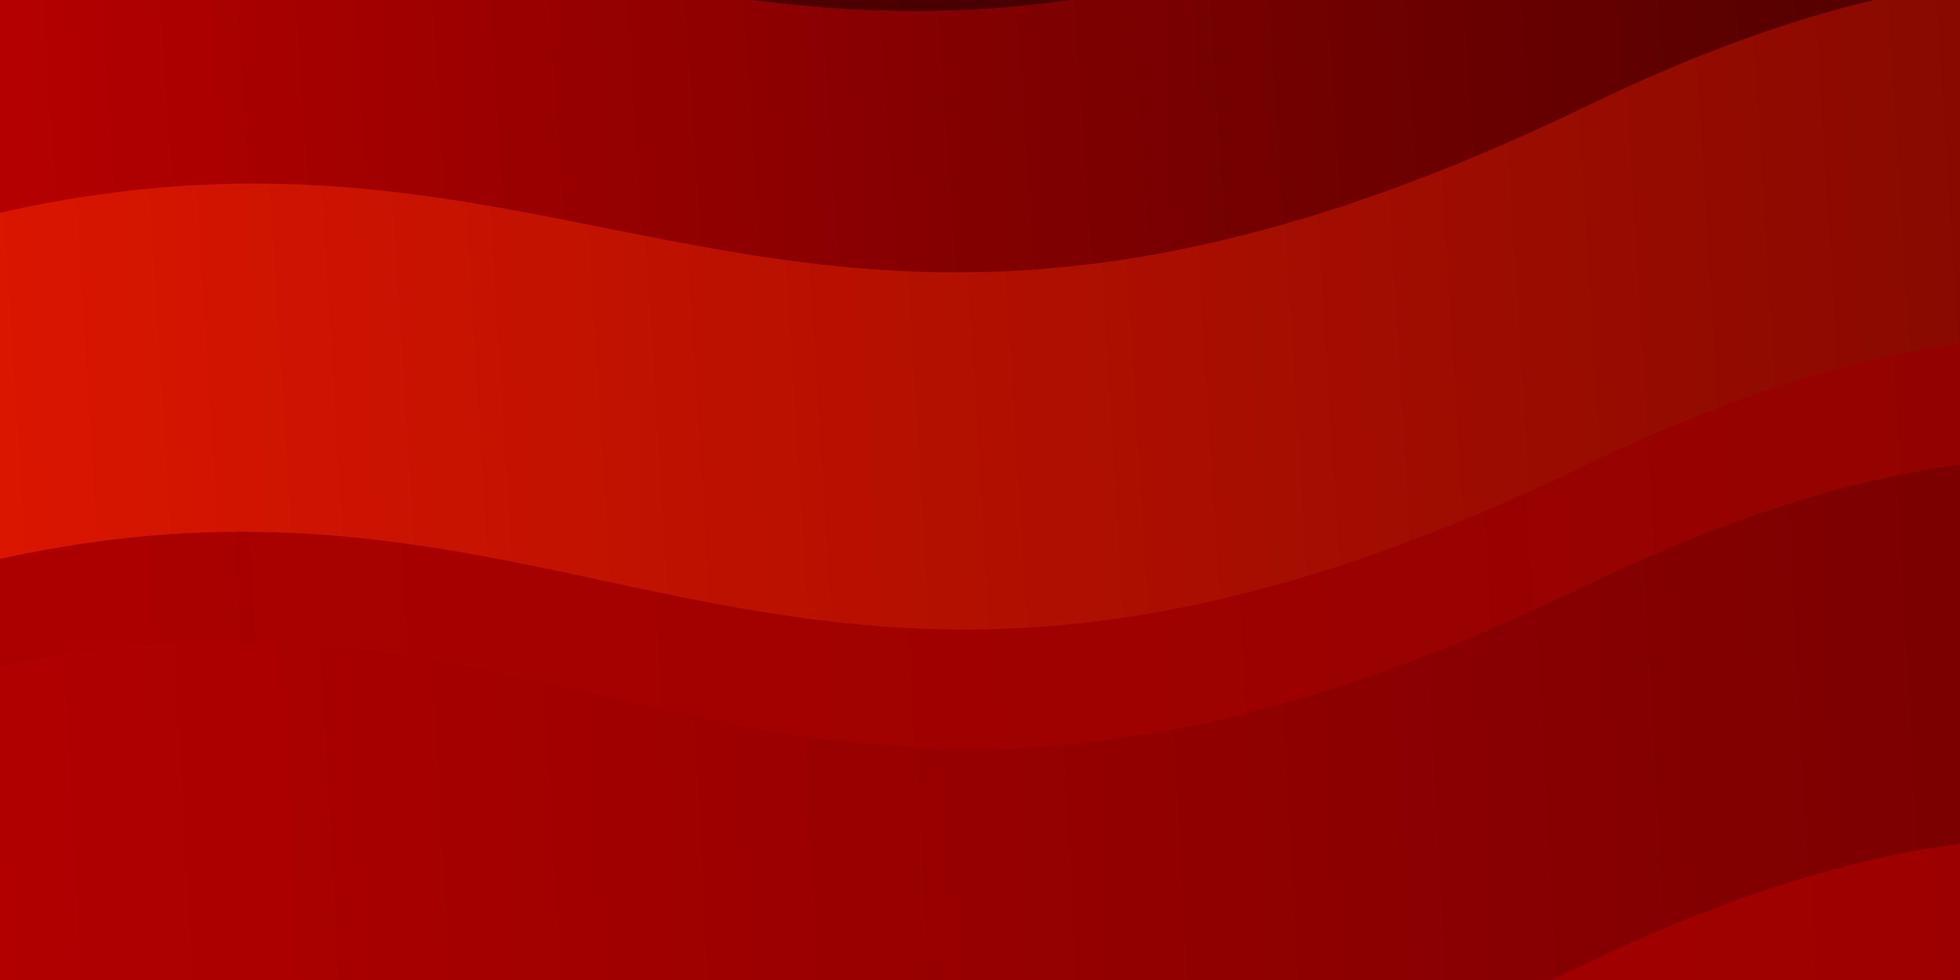 modèle vectoriel rouge clair avec des lignes.